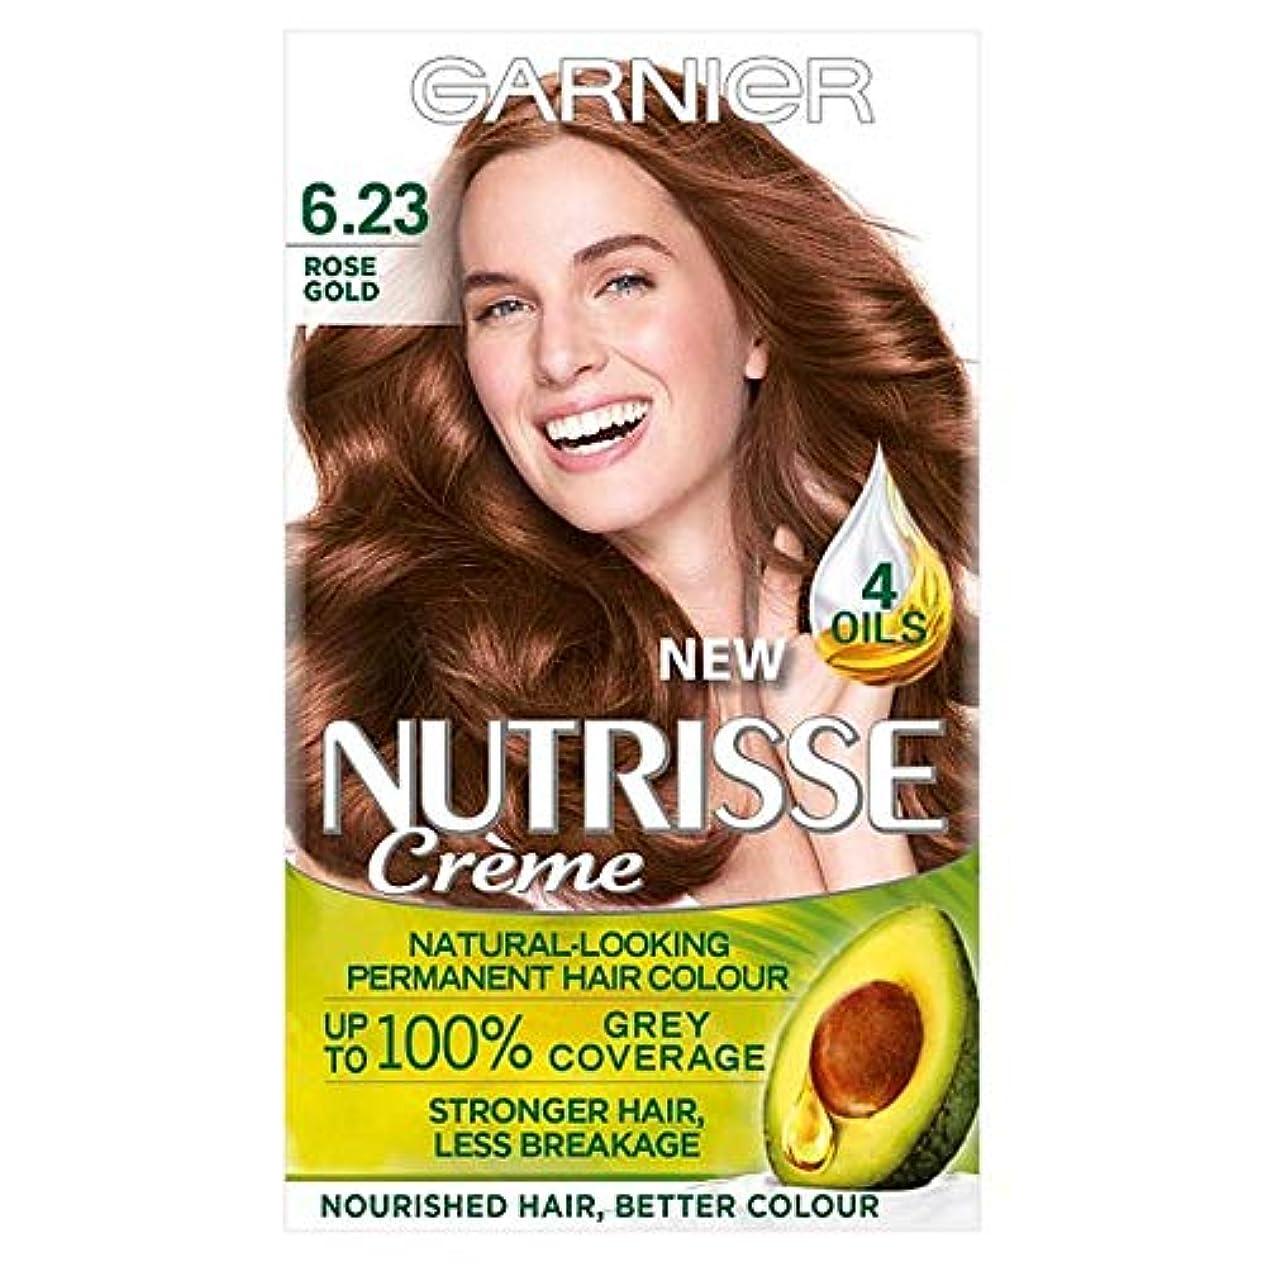 続編コミュニティ場合[Garnier ] 6.23 Nutrisseガルニエは金茶色の永久染毛剤をバラ - Garnier Nutrisse 6.23 Rose Gold Brown Permanent Hair Dye [並行輸入品]